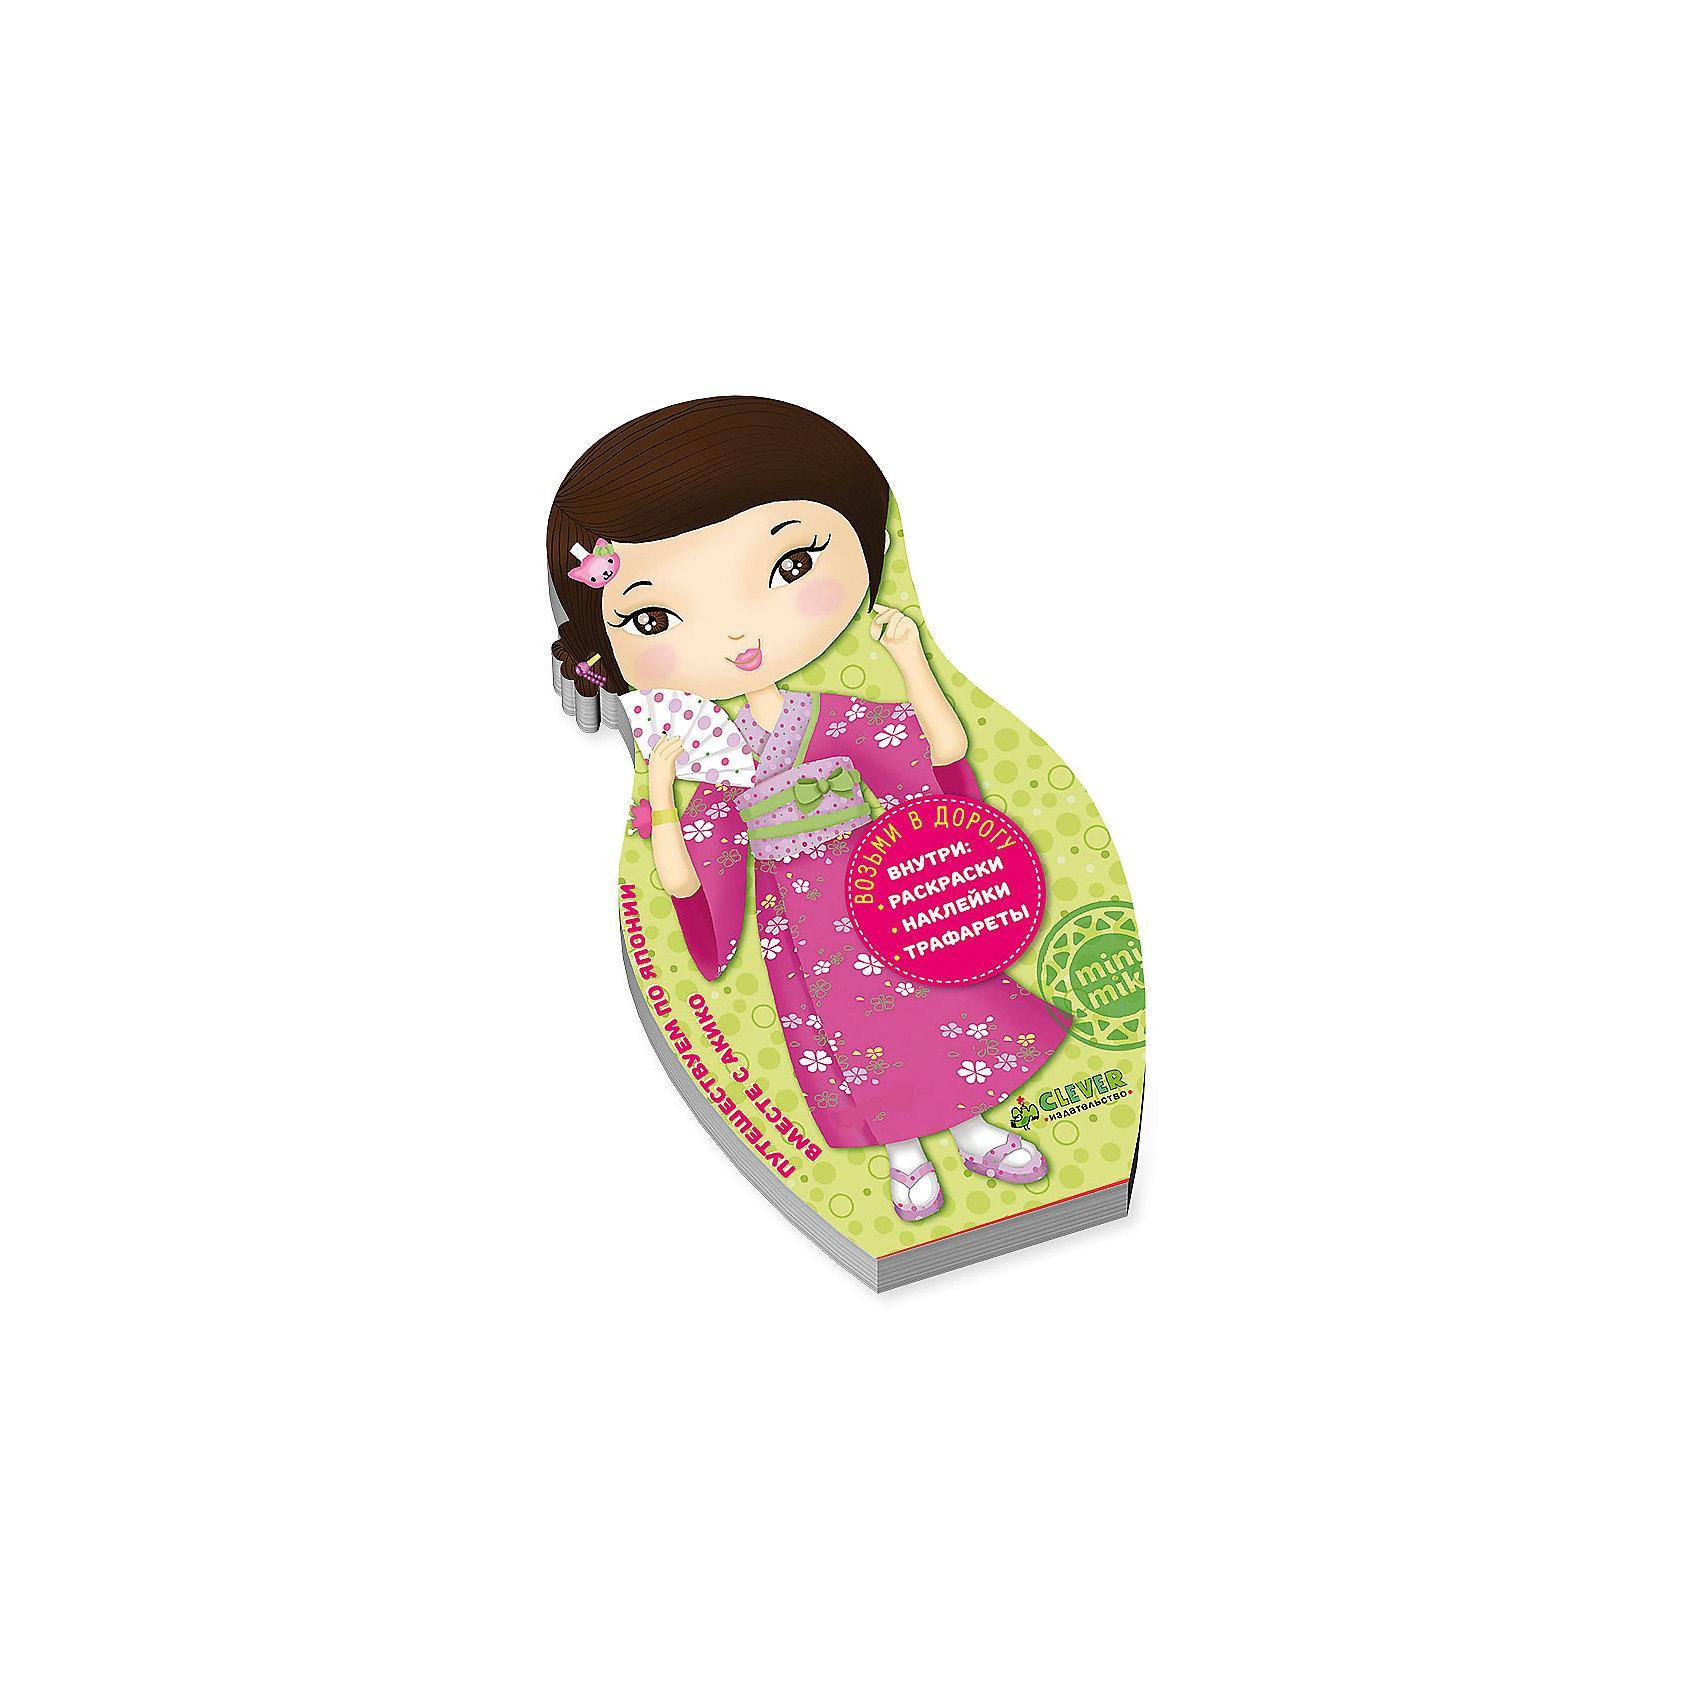 Путешествуем по Японии вместе с АкикоЭнциклопедии для девочек<br>Путешествуем по Японии вместе с Акико<br><br>Характеристики:<br><br>• ISBN: 978-5-906856-30-2<br>• Кол-во страниц: 84<br>• Возраст: от 4-х лет<br>• Формат: а5<br>• Размер книги: 199x110x12 мм<br>• Бумага: офсет<br>• Вес: 140 г<br>• Обложка: картонная<br><br>Эта книга откроет для вашего ребенка целый новый мир. Она понравится каждому юному путешественнику. Пользуясь этой книгой, ваш ребенок сможет узнать интересные факты об Японии и ее жителях, сможет раскрашивать изображения и создавать яркие образы, а так же использовать приведенные в книге трафареты, чтобы создавать собственные модели. В книге есть раскраски, наклейки и трафареты, которые позволят ребенку развить свое воображение и творческое мышление.<br> <br>Путешествуем по Японии вместе с Акико можно купить в нашем интернет-магазине.<br><br>Ширина мм: 190<br>Глубина мм: 110<br>Высота мм: 8<br>Вес г: 140<br>Возраст от месяцев: 84<br>Возраст до месяцев: 132<br>Пол: Женский<br>Возраст: Детский<br>SKU: 5377764